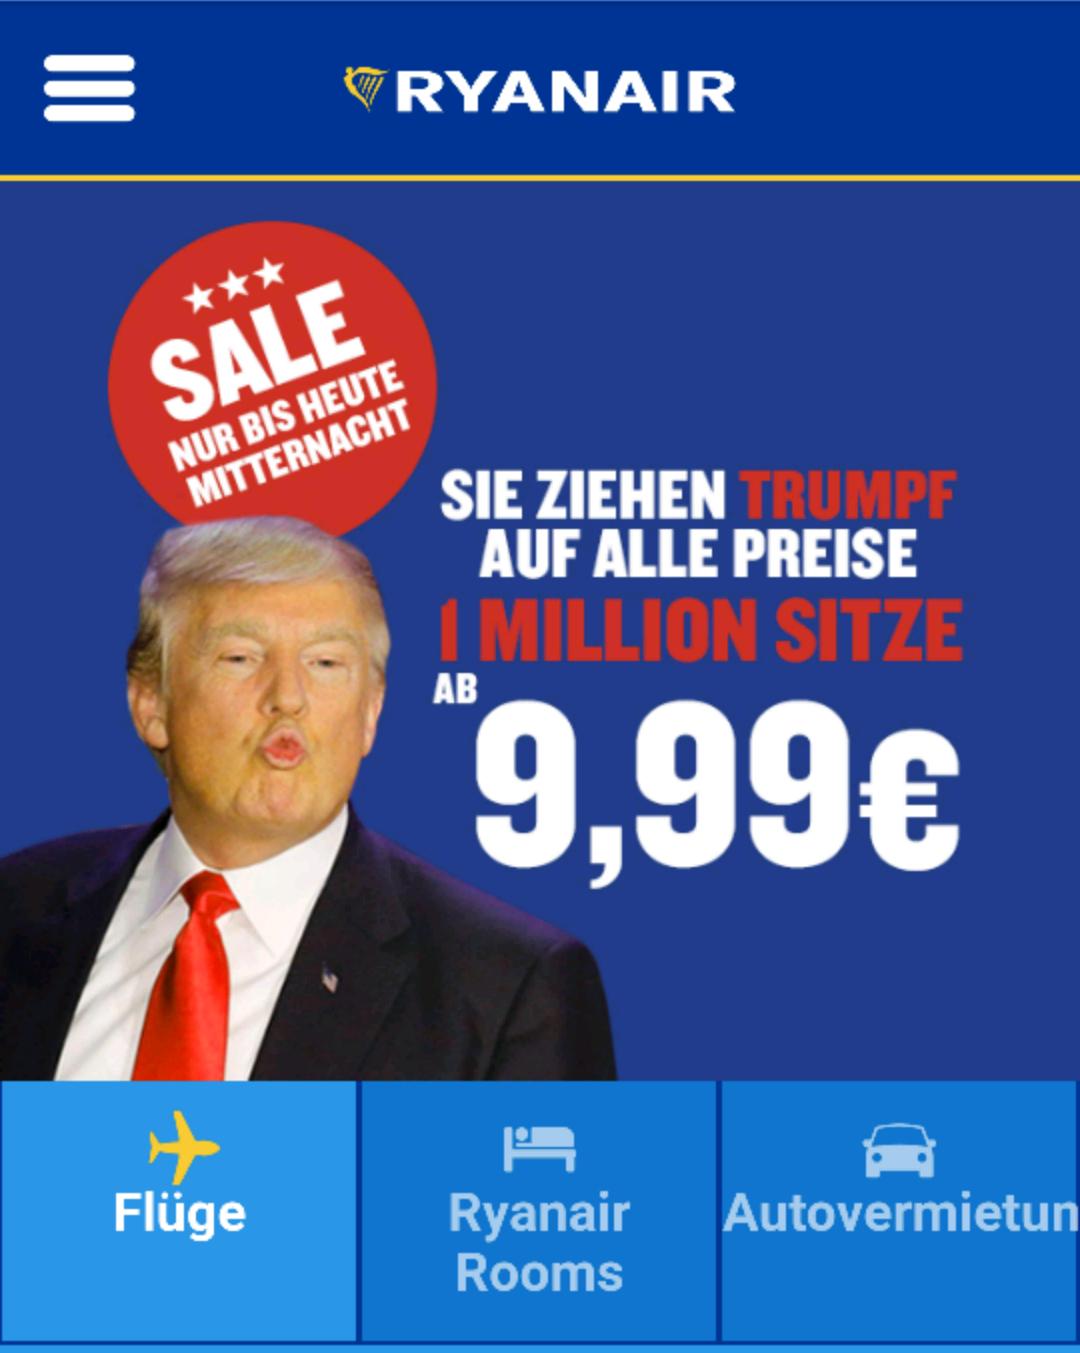 1 Million Sitze ab 9,99€ bei Ryanair